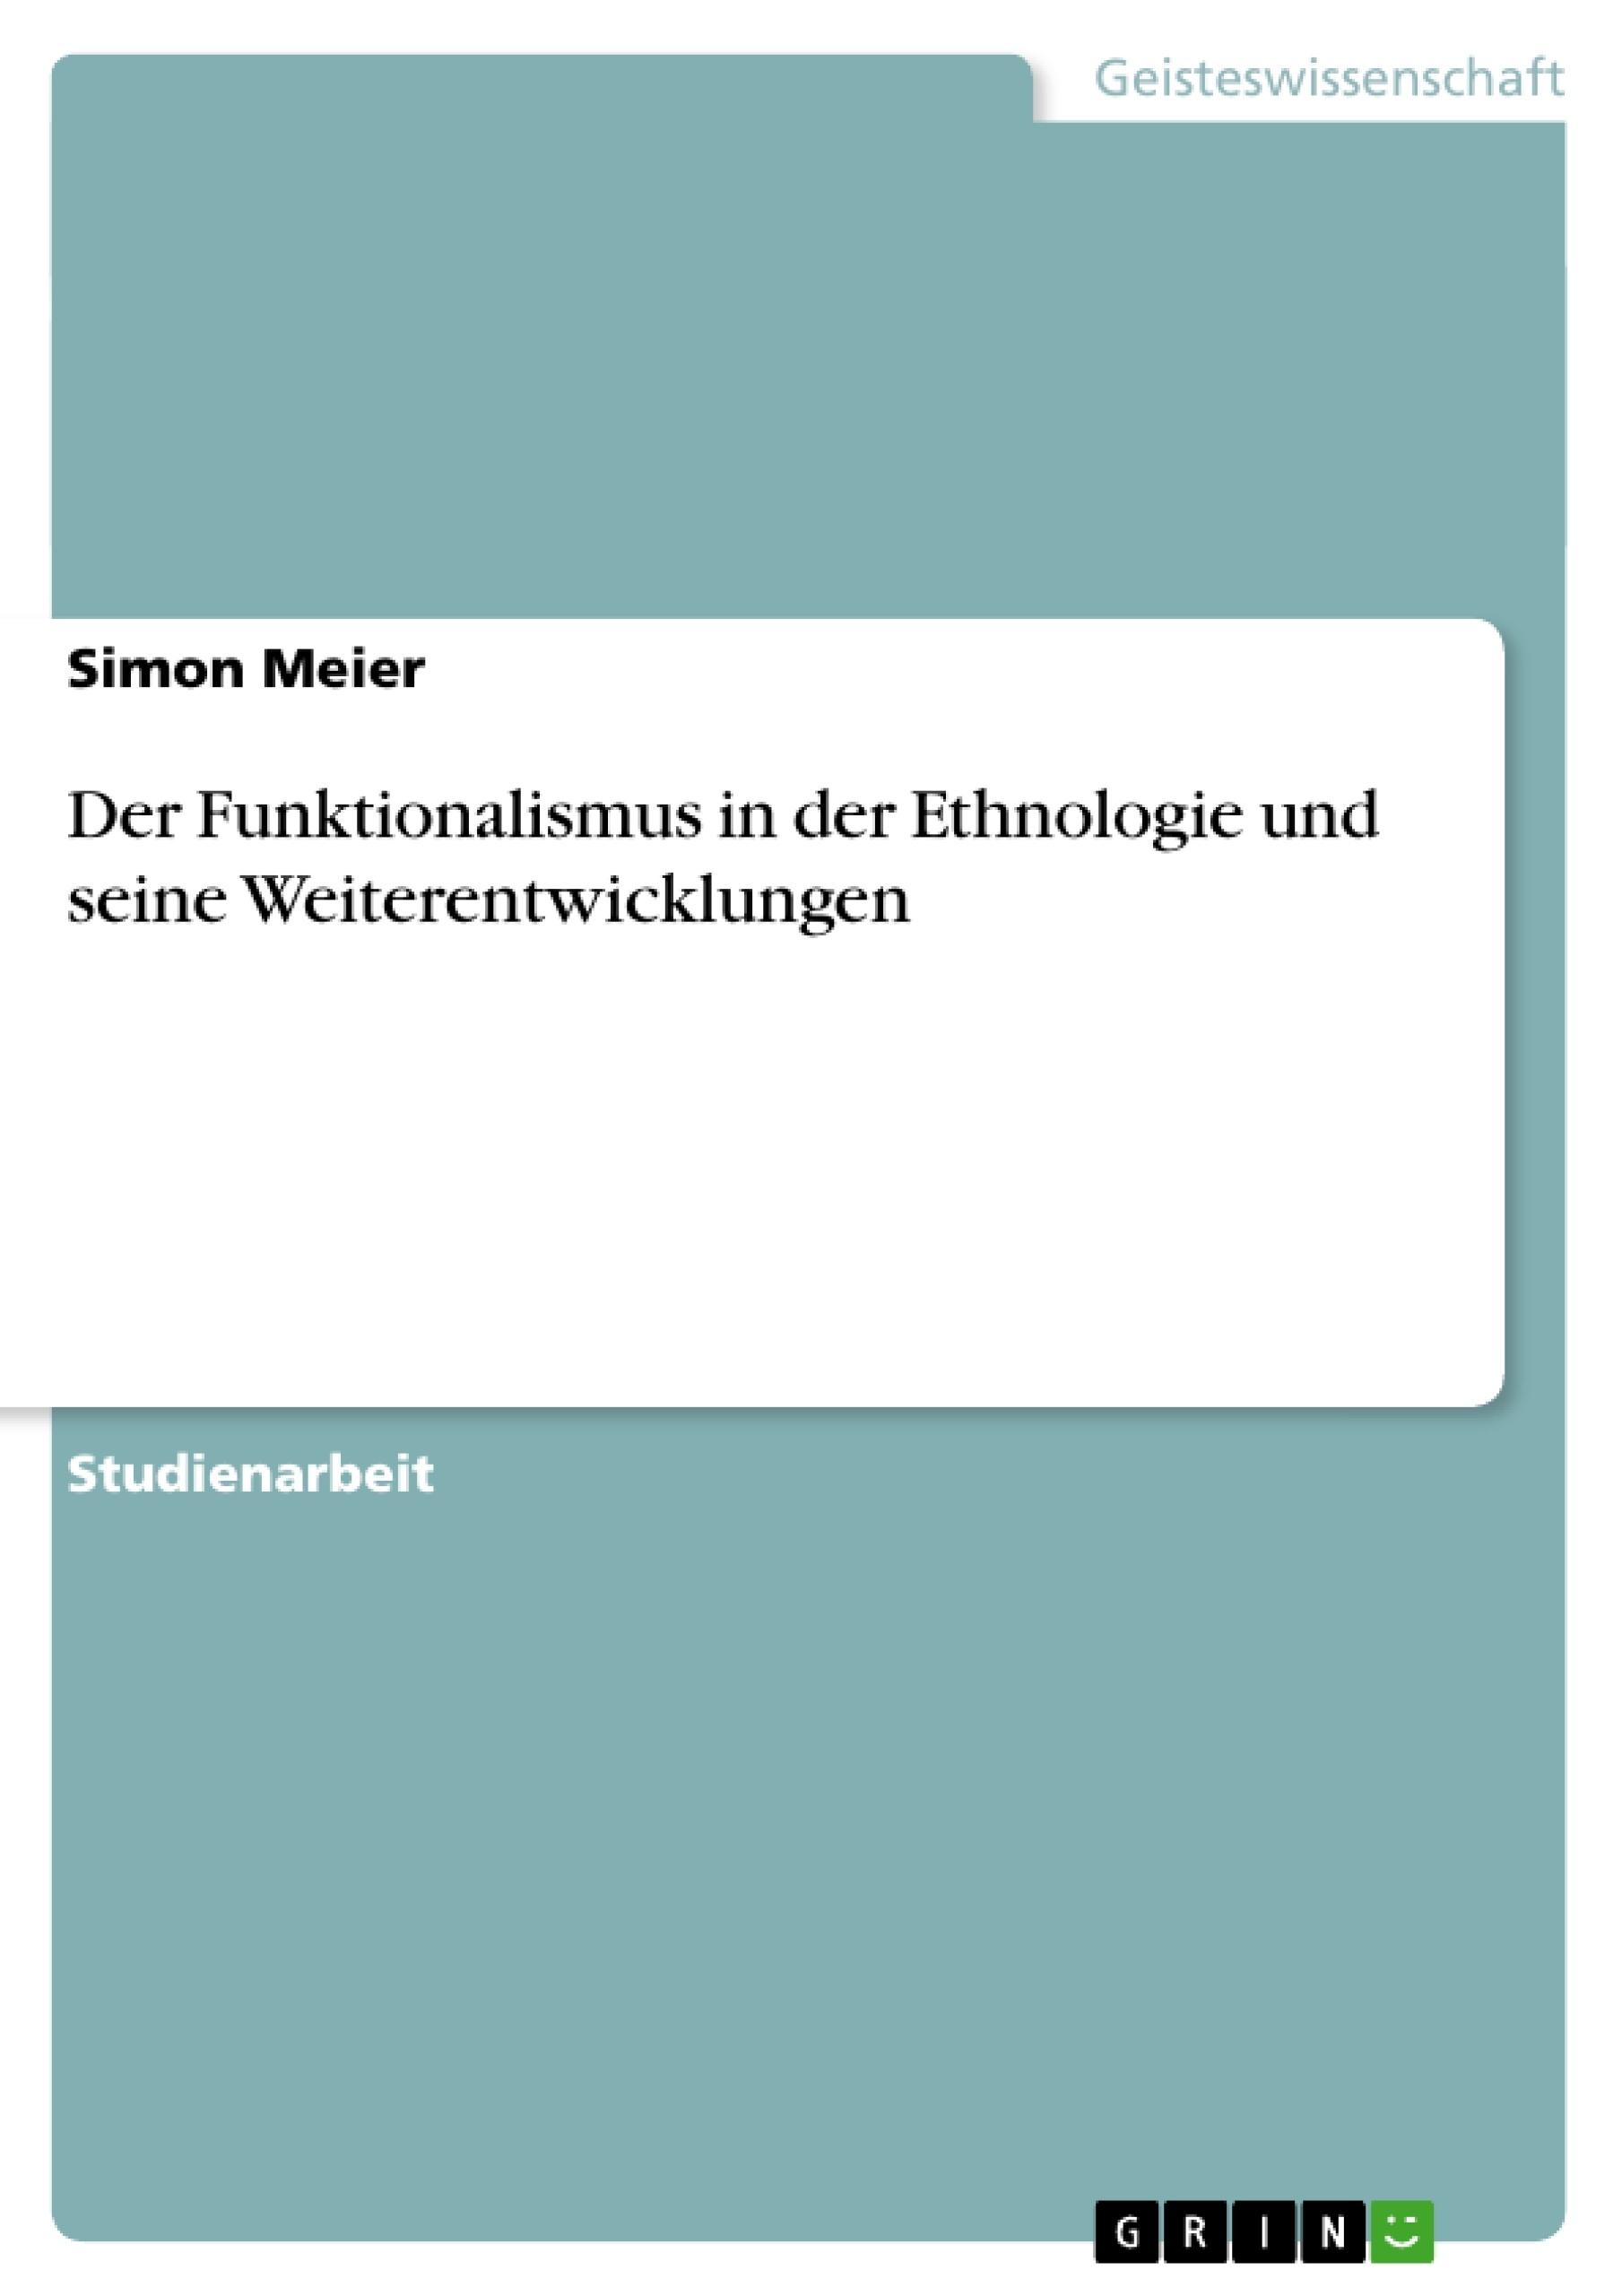 Titel: Der Funktionalismus in der Ethnologie und seine Weiterentwicklungen